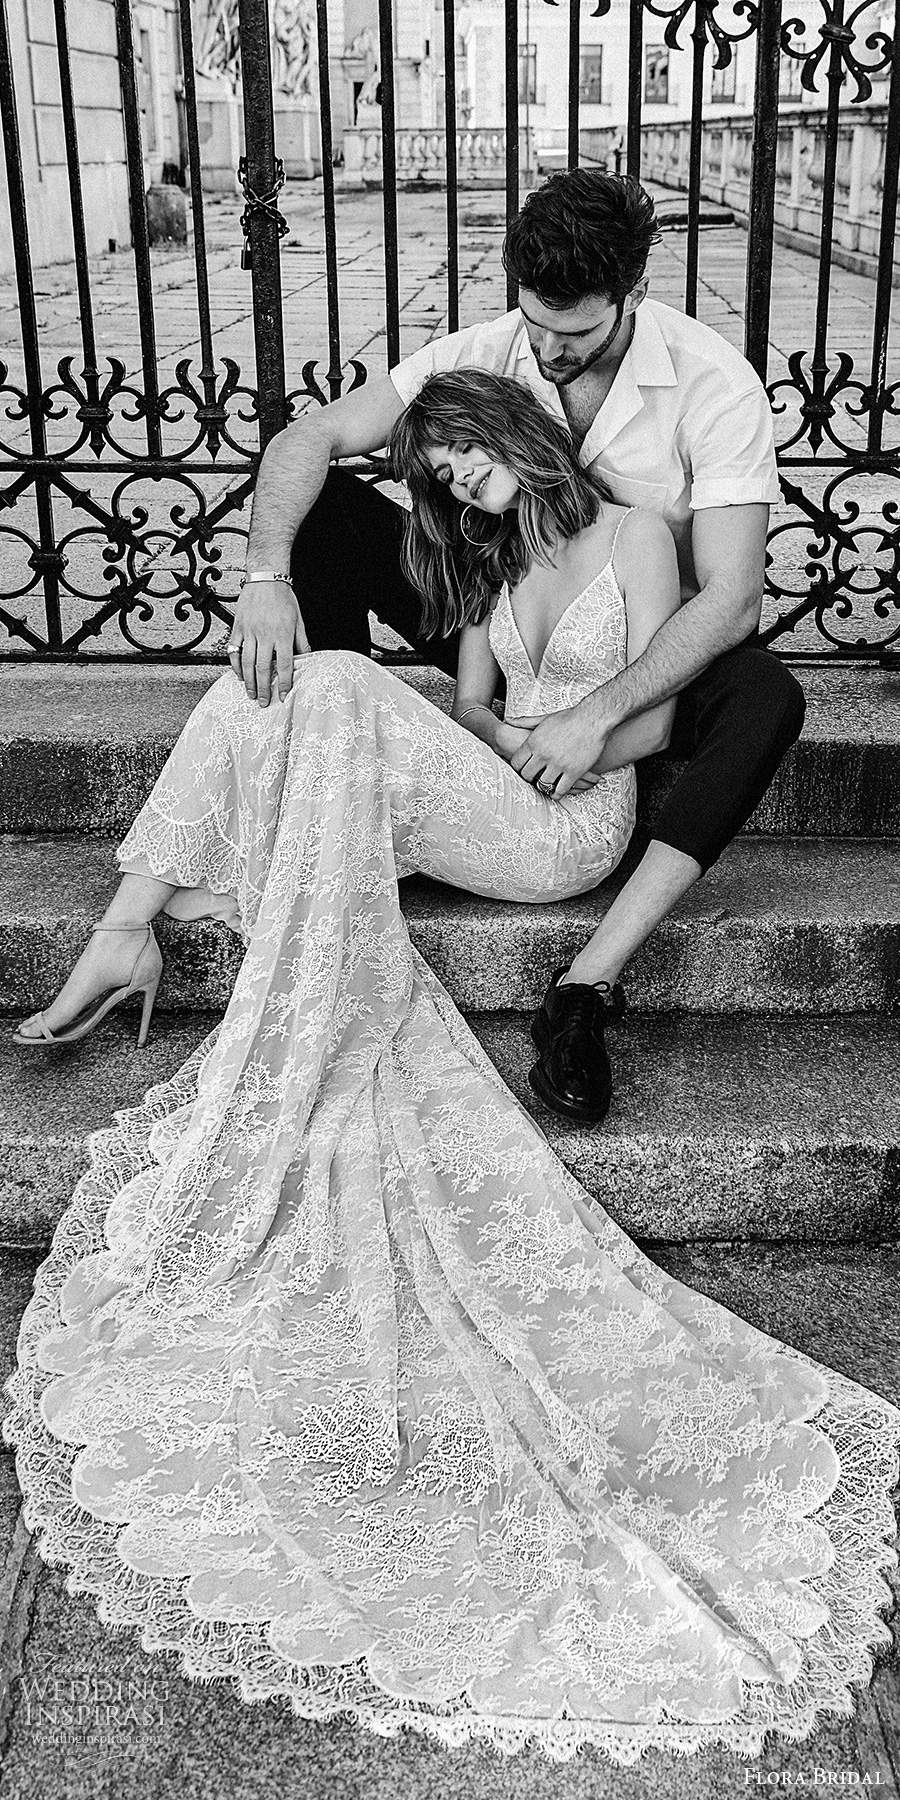 flora bridal 2020 bridal sleeveless thin straps plunging v neckline fully embellished lace sheath wedding dress chapel train (5) mv